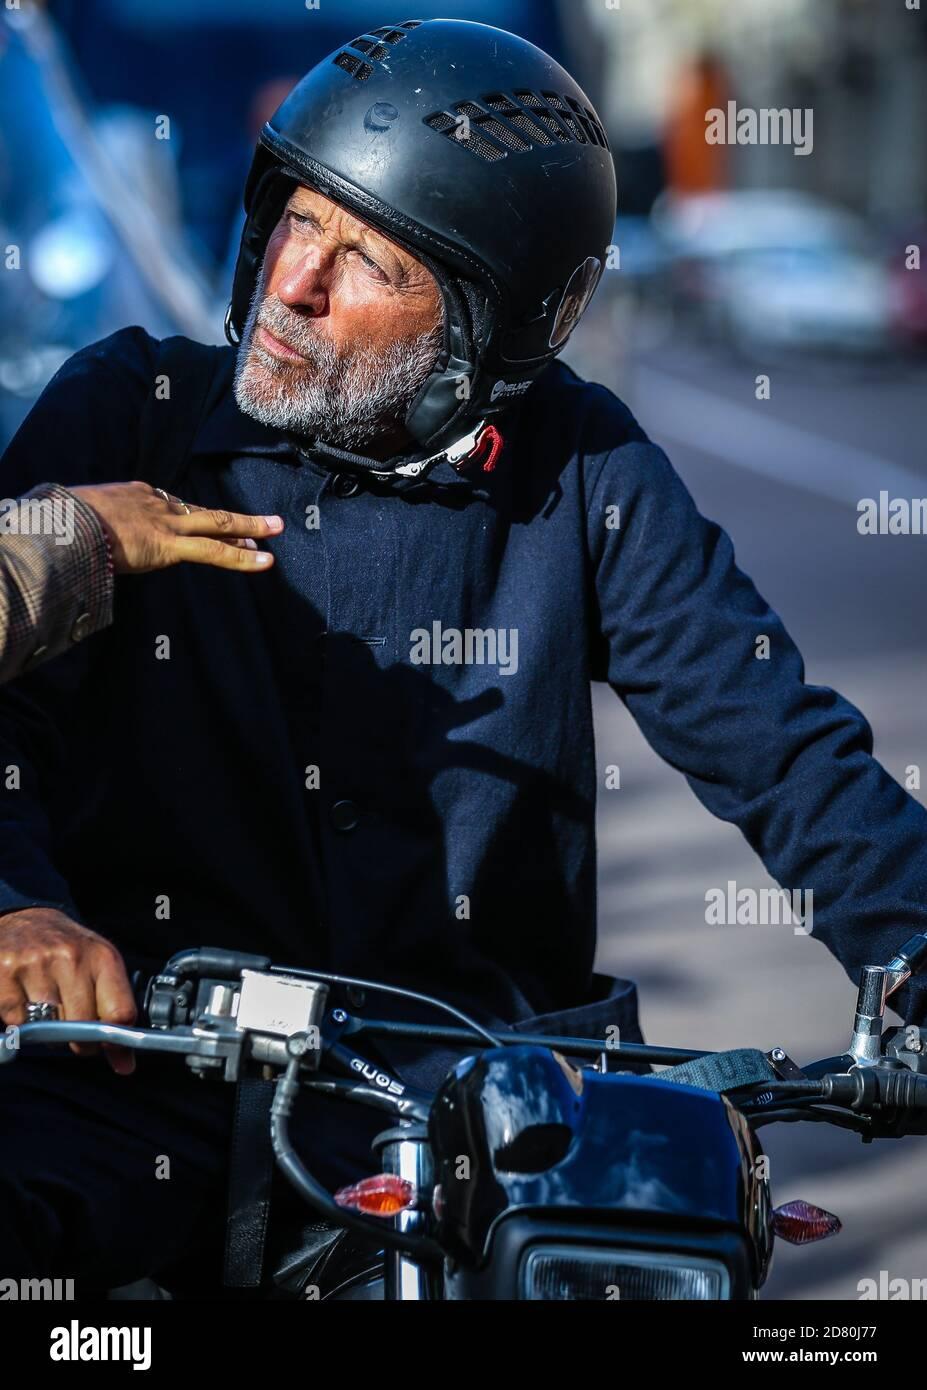 MILAN, Italie - septembre 26 2020: Hommes dans la rue à Milan. Banque D'Images